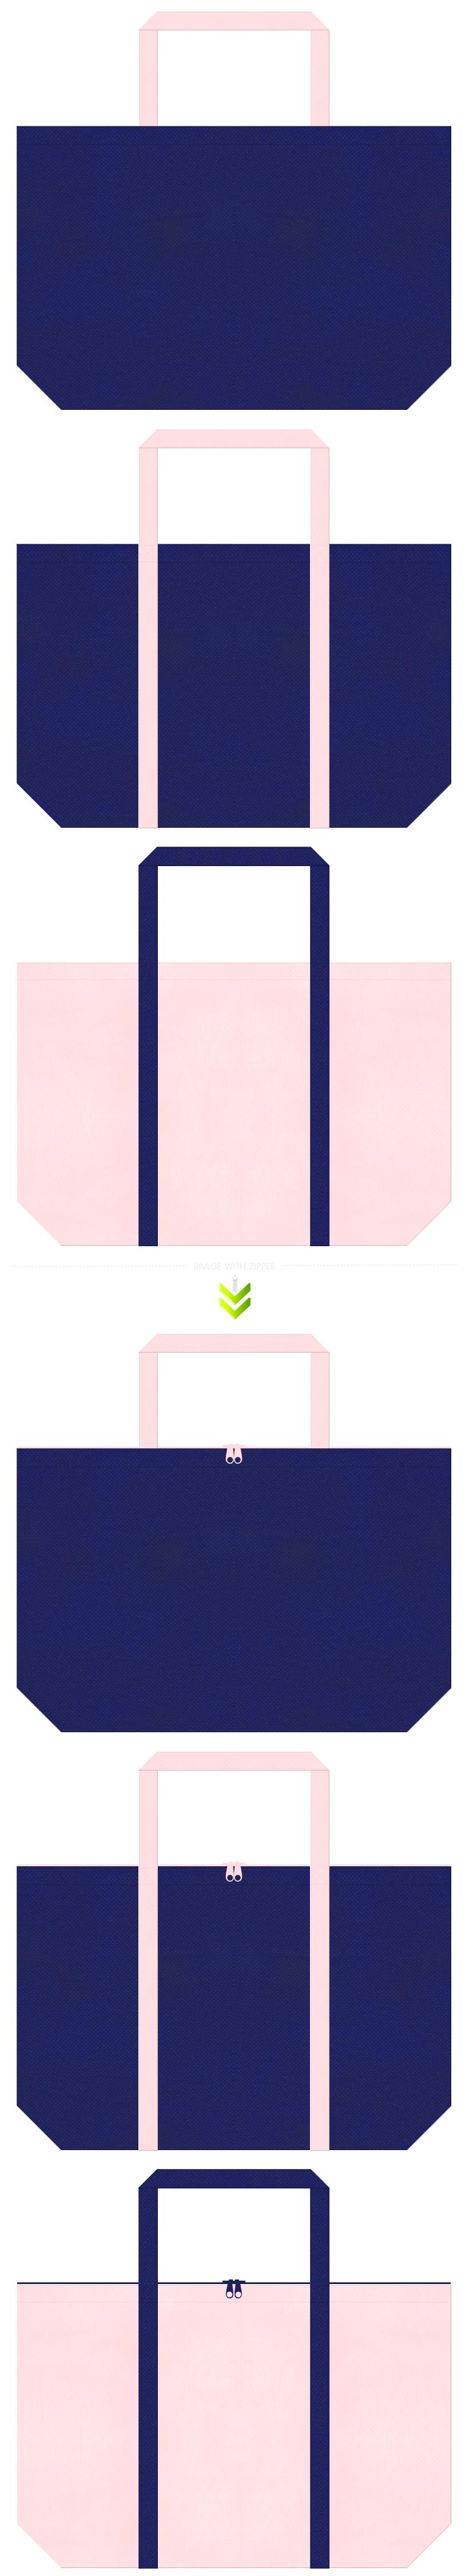 明るい紺色と桜色の不織布エコバッグのデザイン。夏祭り・浴衣・盆踊りのイメージにお奨めの配色です。